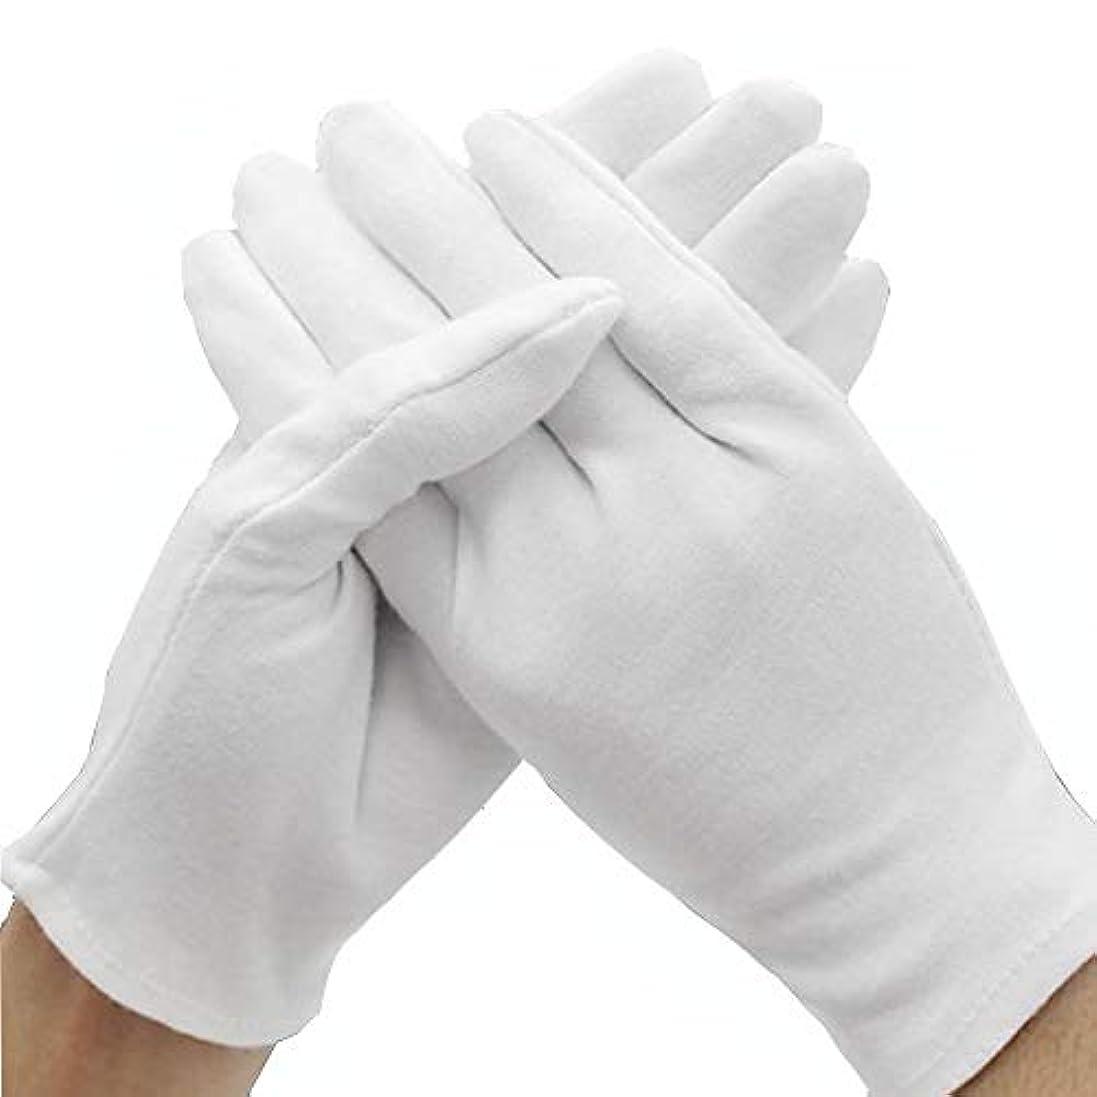 欠伸アーティスト衝動Lezej インナーコットン手袋 白い手袋 綿手袋 衛生手袋 コットン手袋 ガーデニング用手袋 作業手袋 健康的な手袋 環境保護用手袋(12組) (XL)